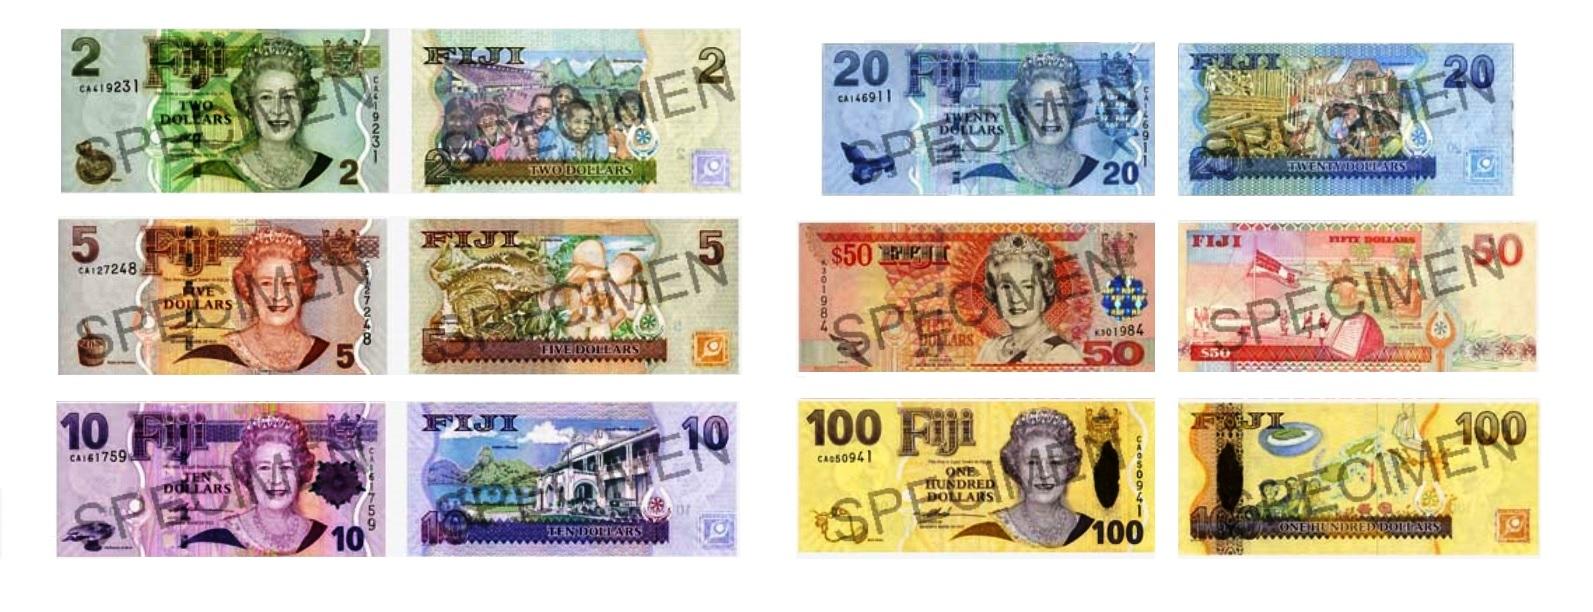 (FJD/ITL) Convert Fiji dollar To Italian lira - RTER.info